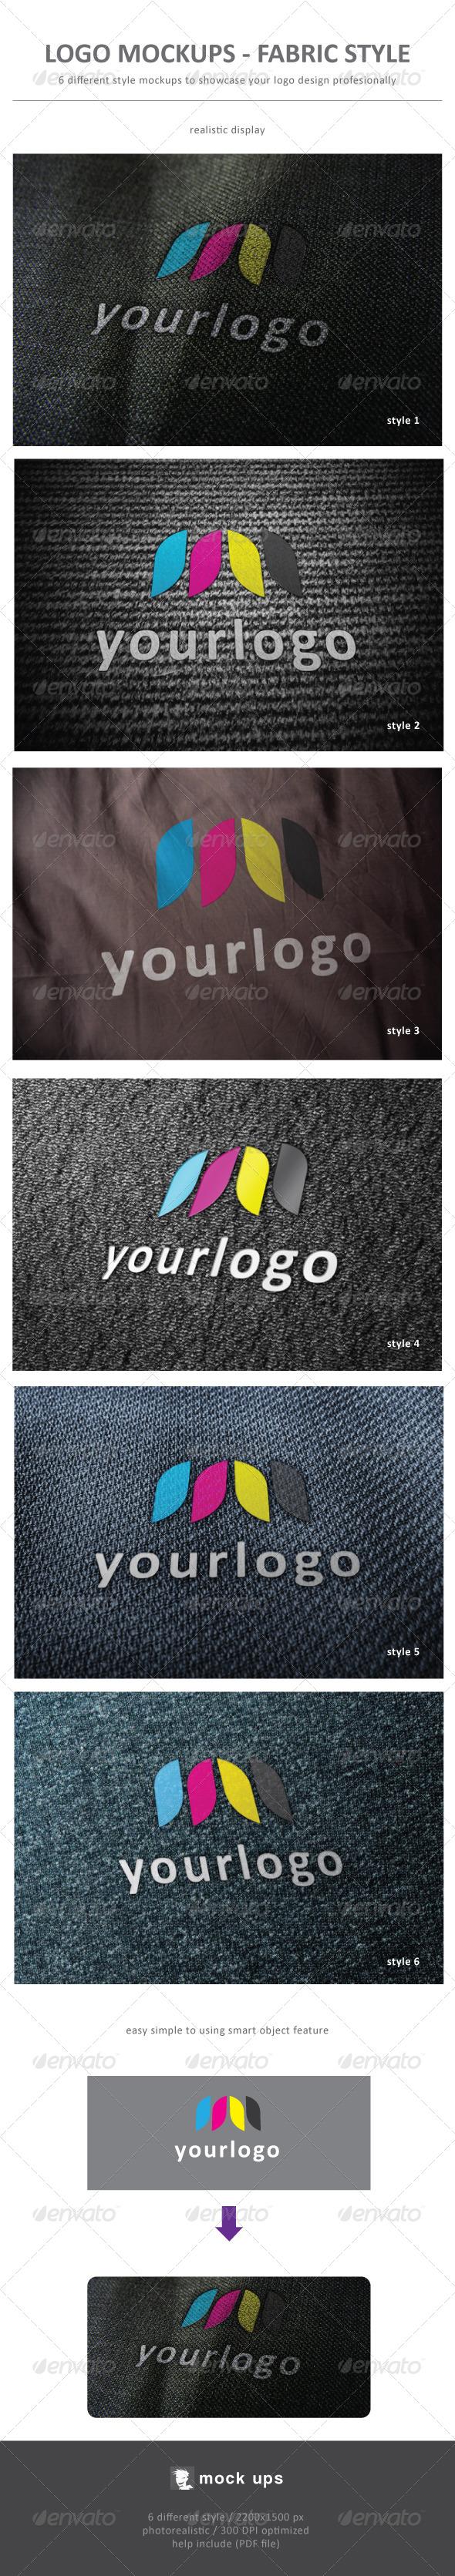 Logo Mockup Fabric Style - Logo Product Mock-Ups